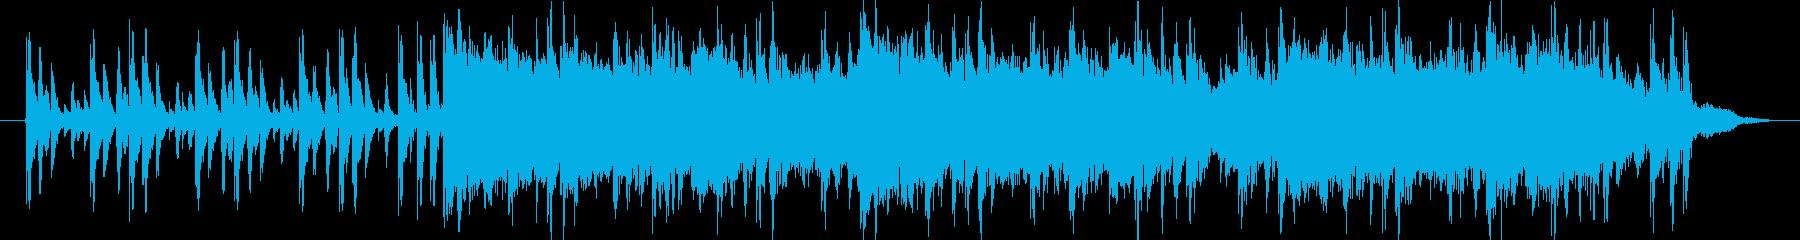 トーク用BGM(ドラムンベース、ポップ)の再生済みの波形